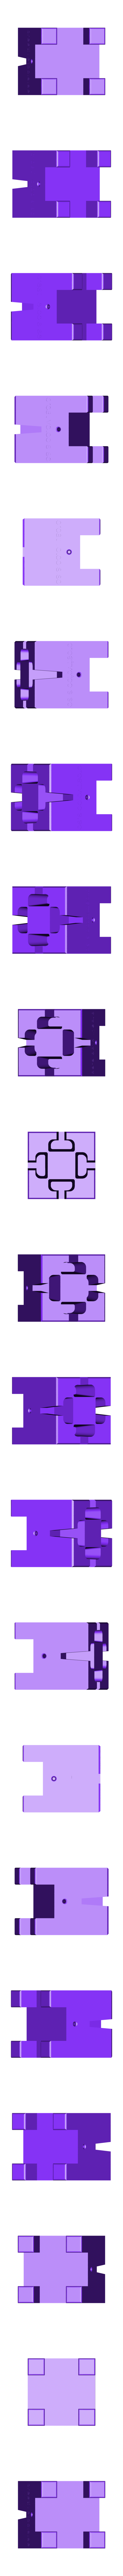 Wall_+_Small_(Modular Castle Playset - 3D-printable)_By_CreativeTools.se.stl Télécharger fichier STL gratuit Plateau modulaire de château (imprimable en 3D) • Modèle à imprimer en 3D, CreativeTools